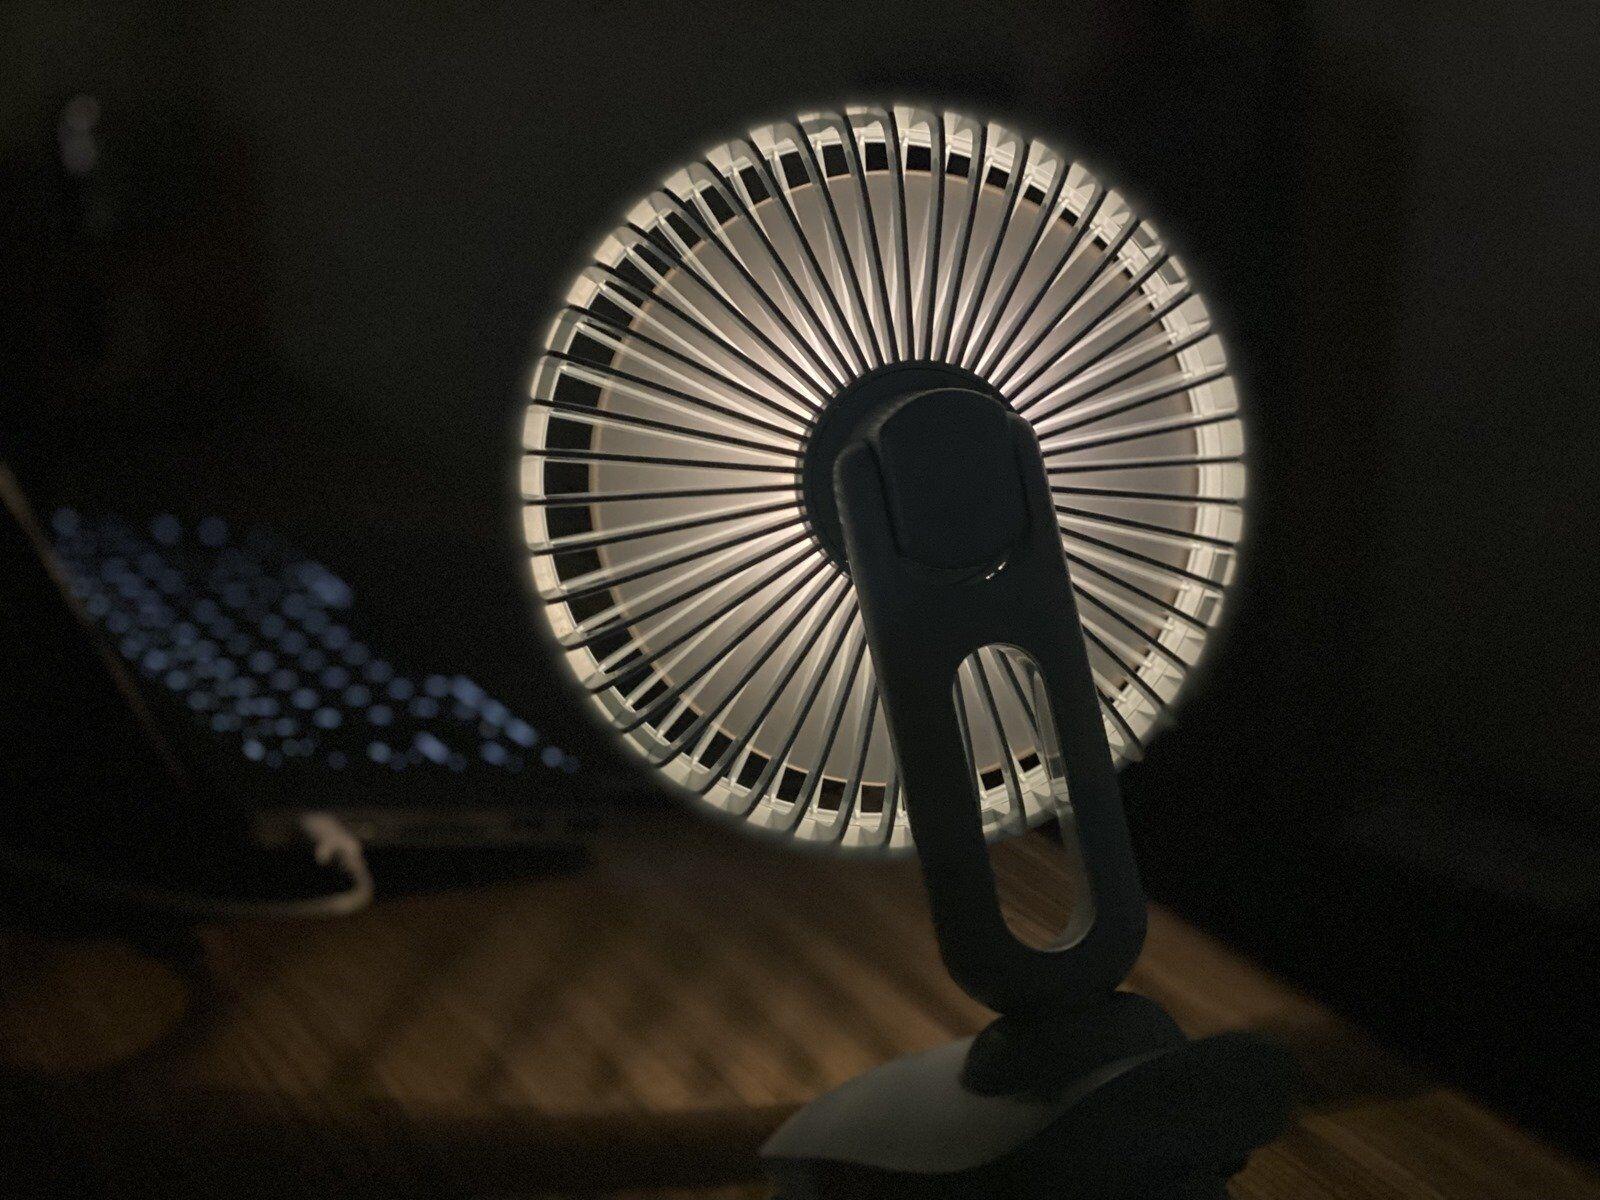 無印風簡約美學極致發揮,UF-IFAN Pro 二代小夜燈觸控涼風扇涼爽來襲 @3C 達人廖阿輝